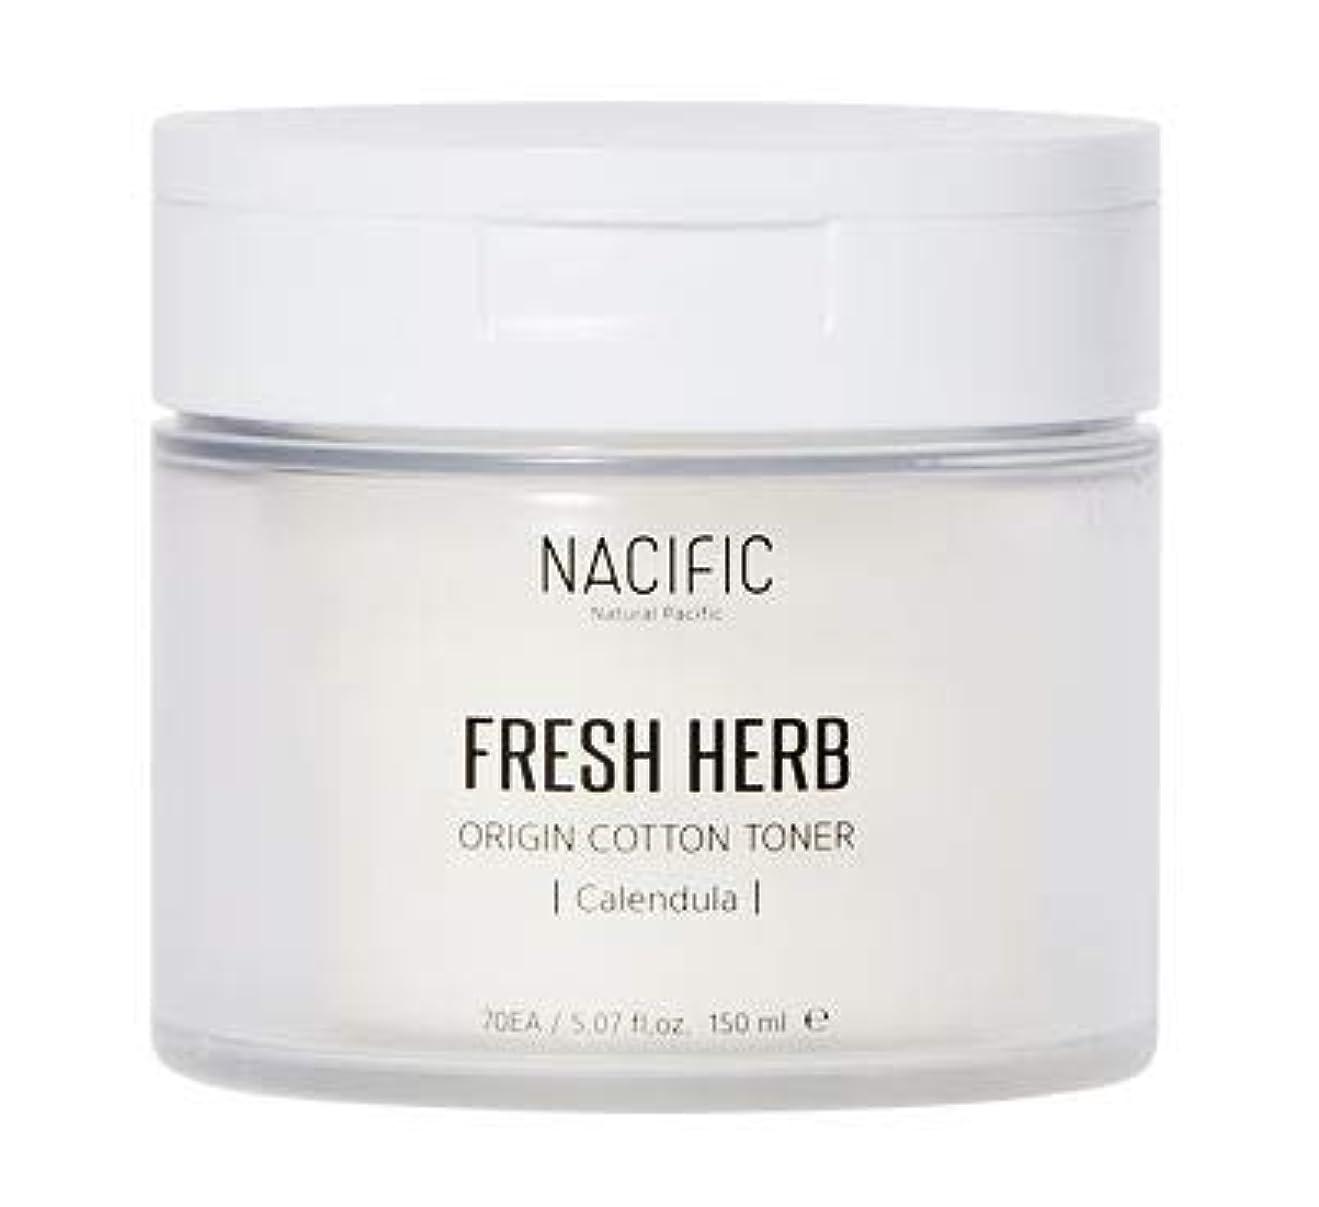 類似性ラベ悔い改める[Nacific] Fresh Herb Origin Cotton Toner 150ml (Calendula) /[ナシフィック] フレッシュ ハーブ オリジン コットン トナー (カレンデュラ)150ml [並行輸入品]